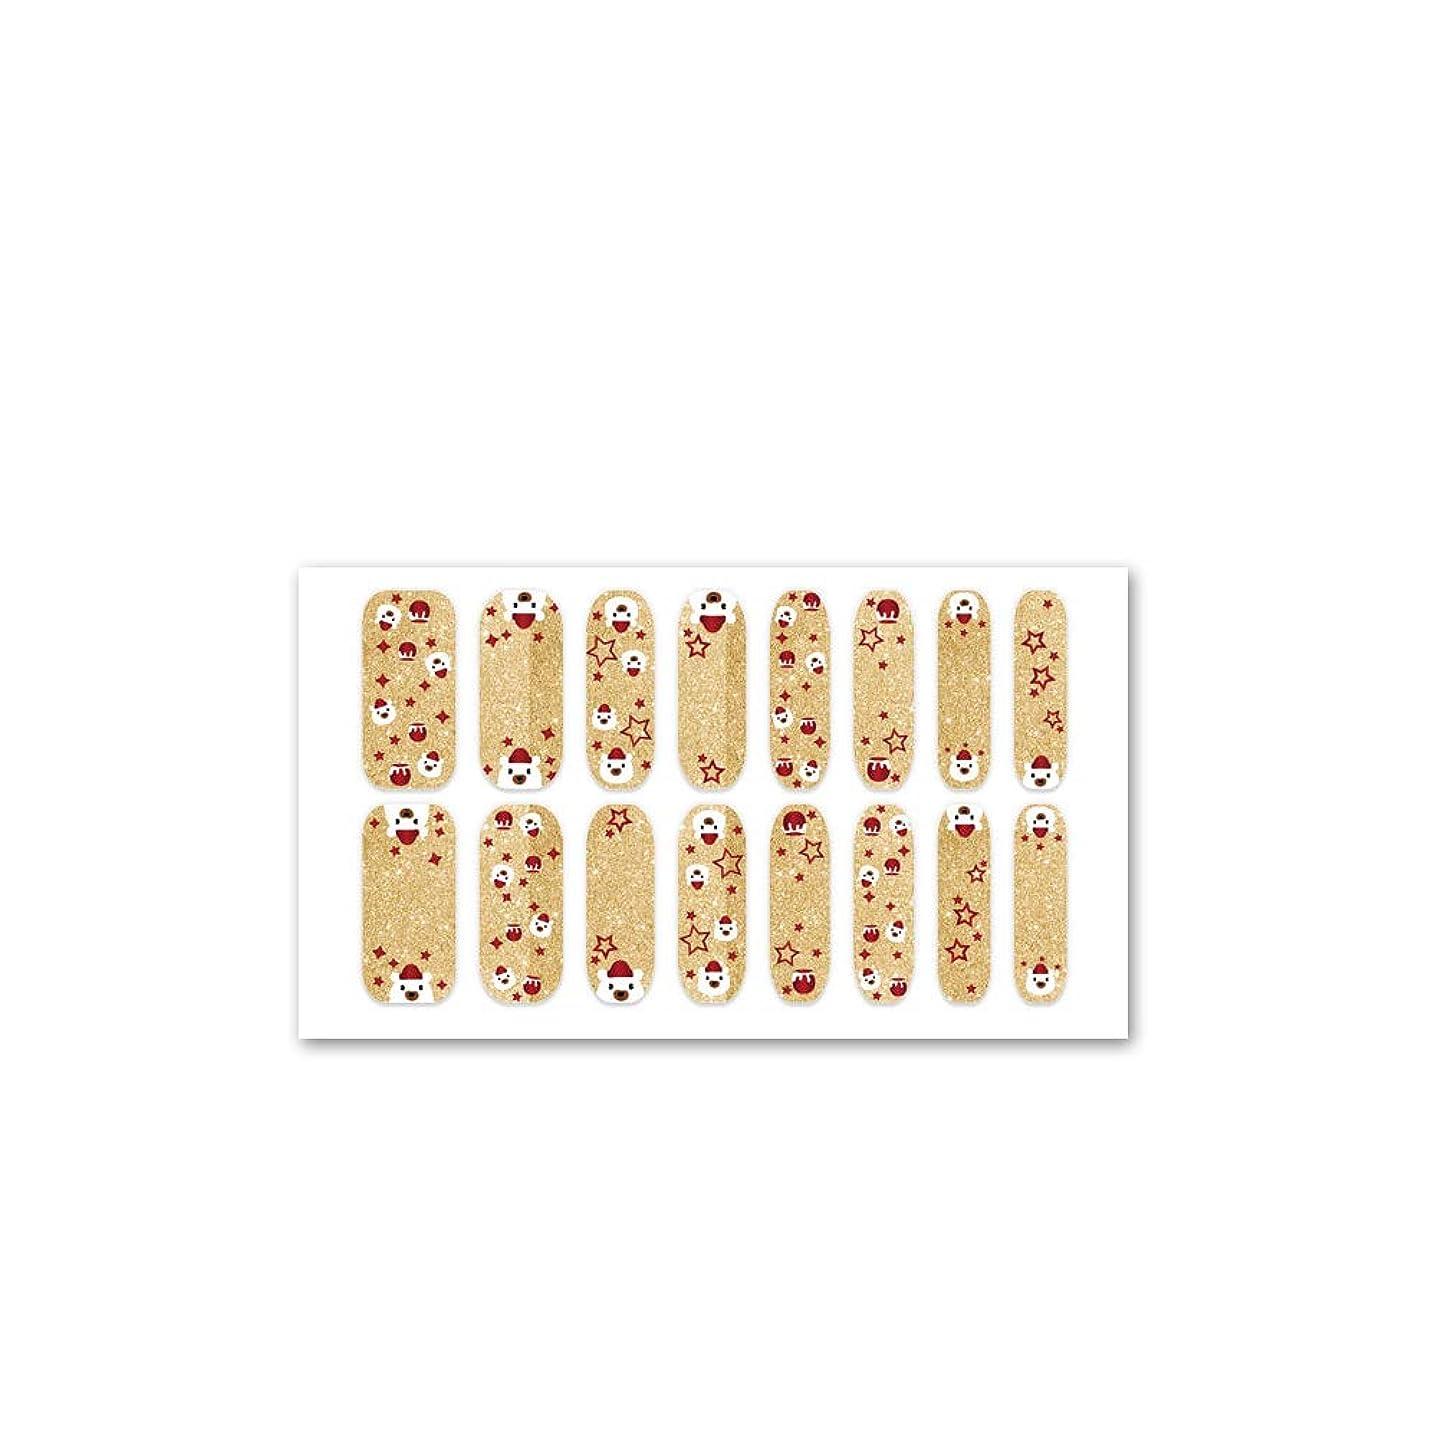 聖歌洗練起点ネイルシール 子供用 キッズ用 ネイルシール子供 ジェルネイルシール ステッカー デコネイルシール VAVACOCO 女の子 子供用化粧品 ペディキュア プレゼント かわいい 韓国 貼るだけ こども デザイン ネイルパーツ (ベア)